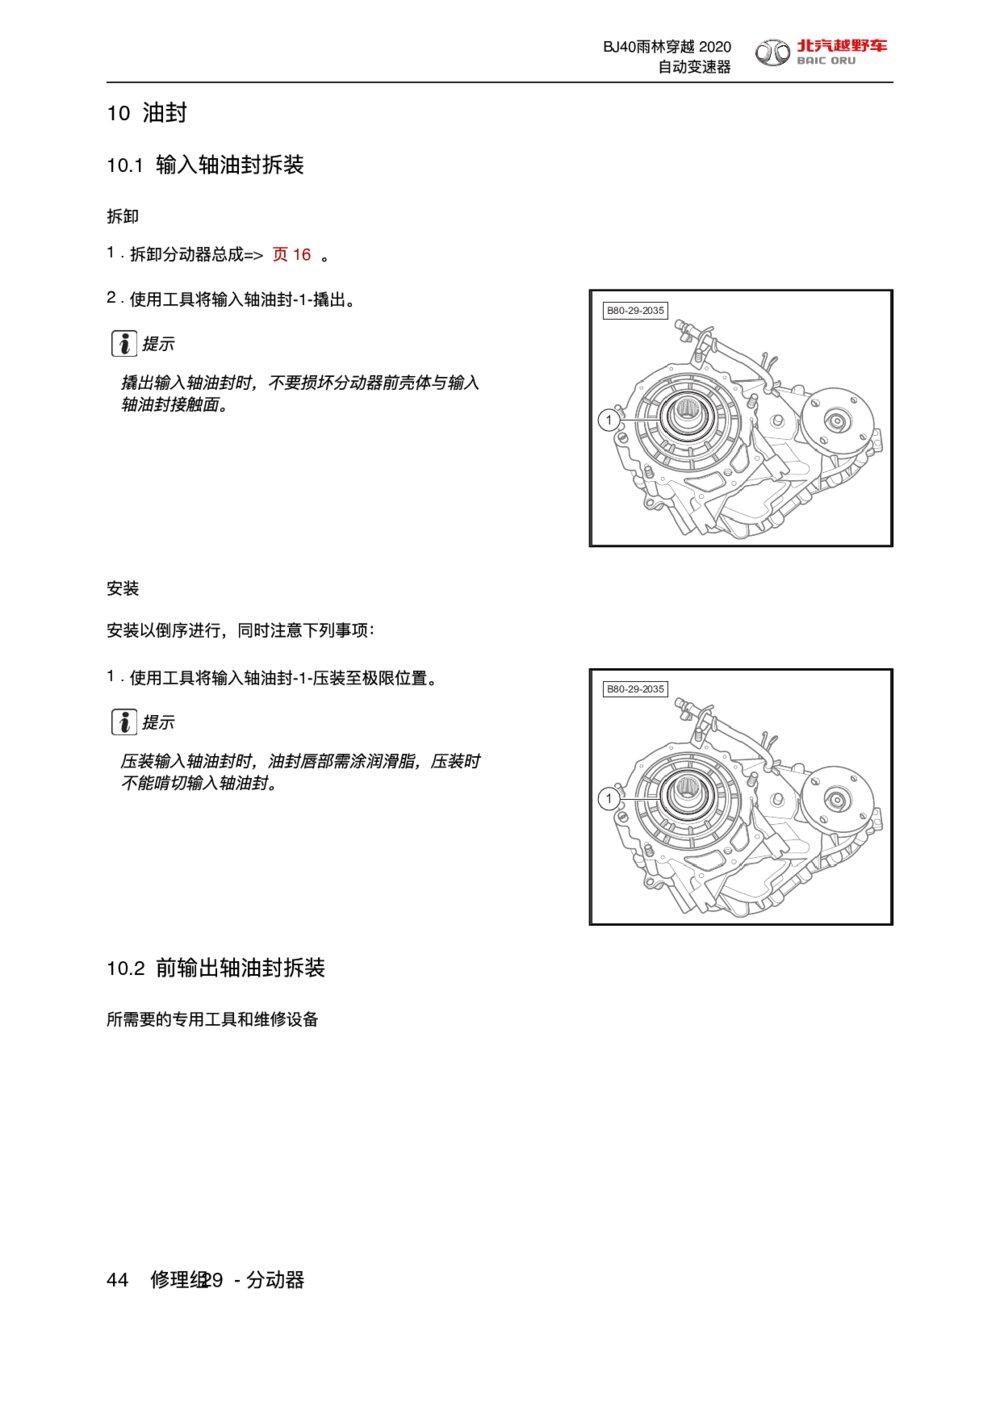 2020款北京BJ40雨林穿越版输⼊轴油封拆装